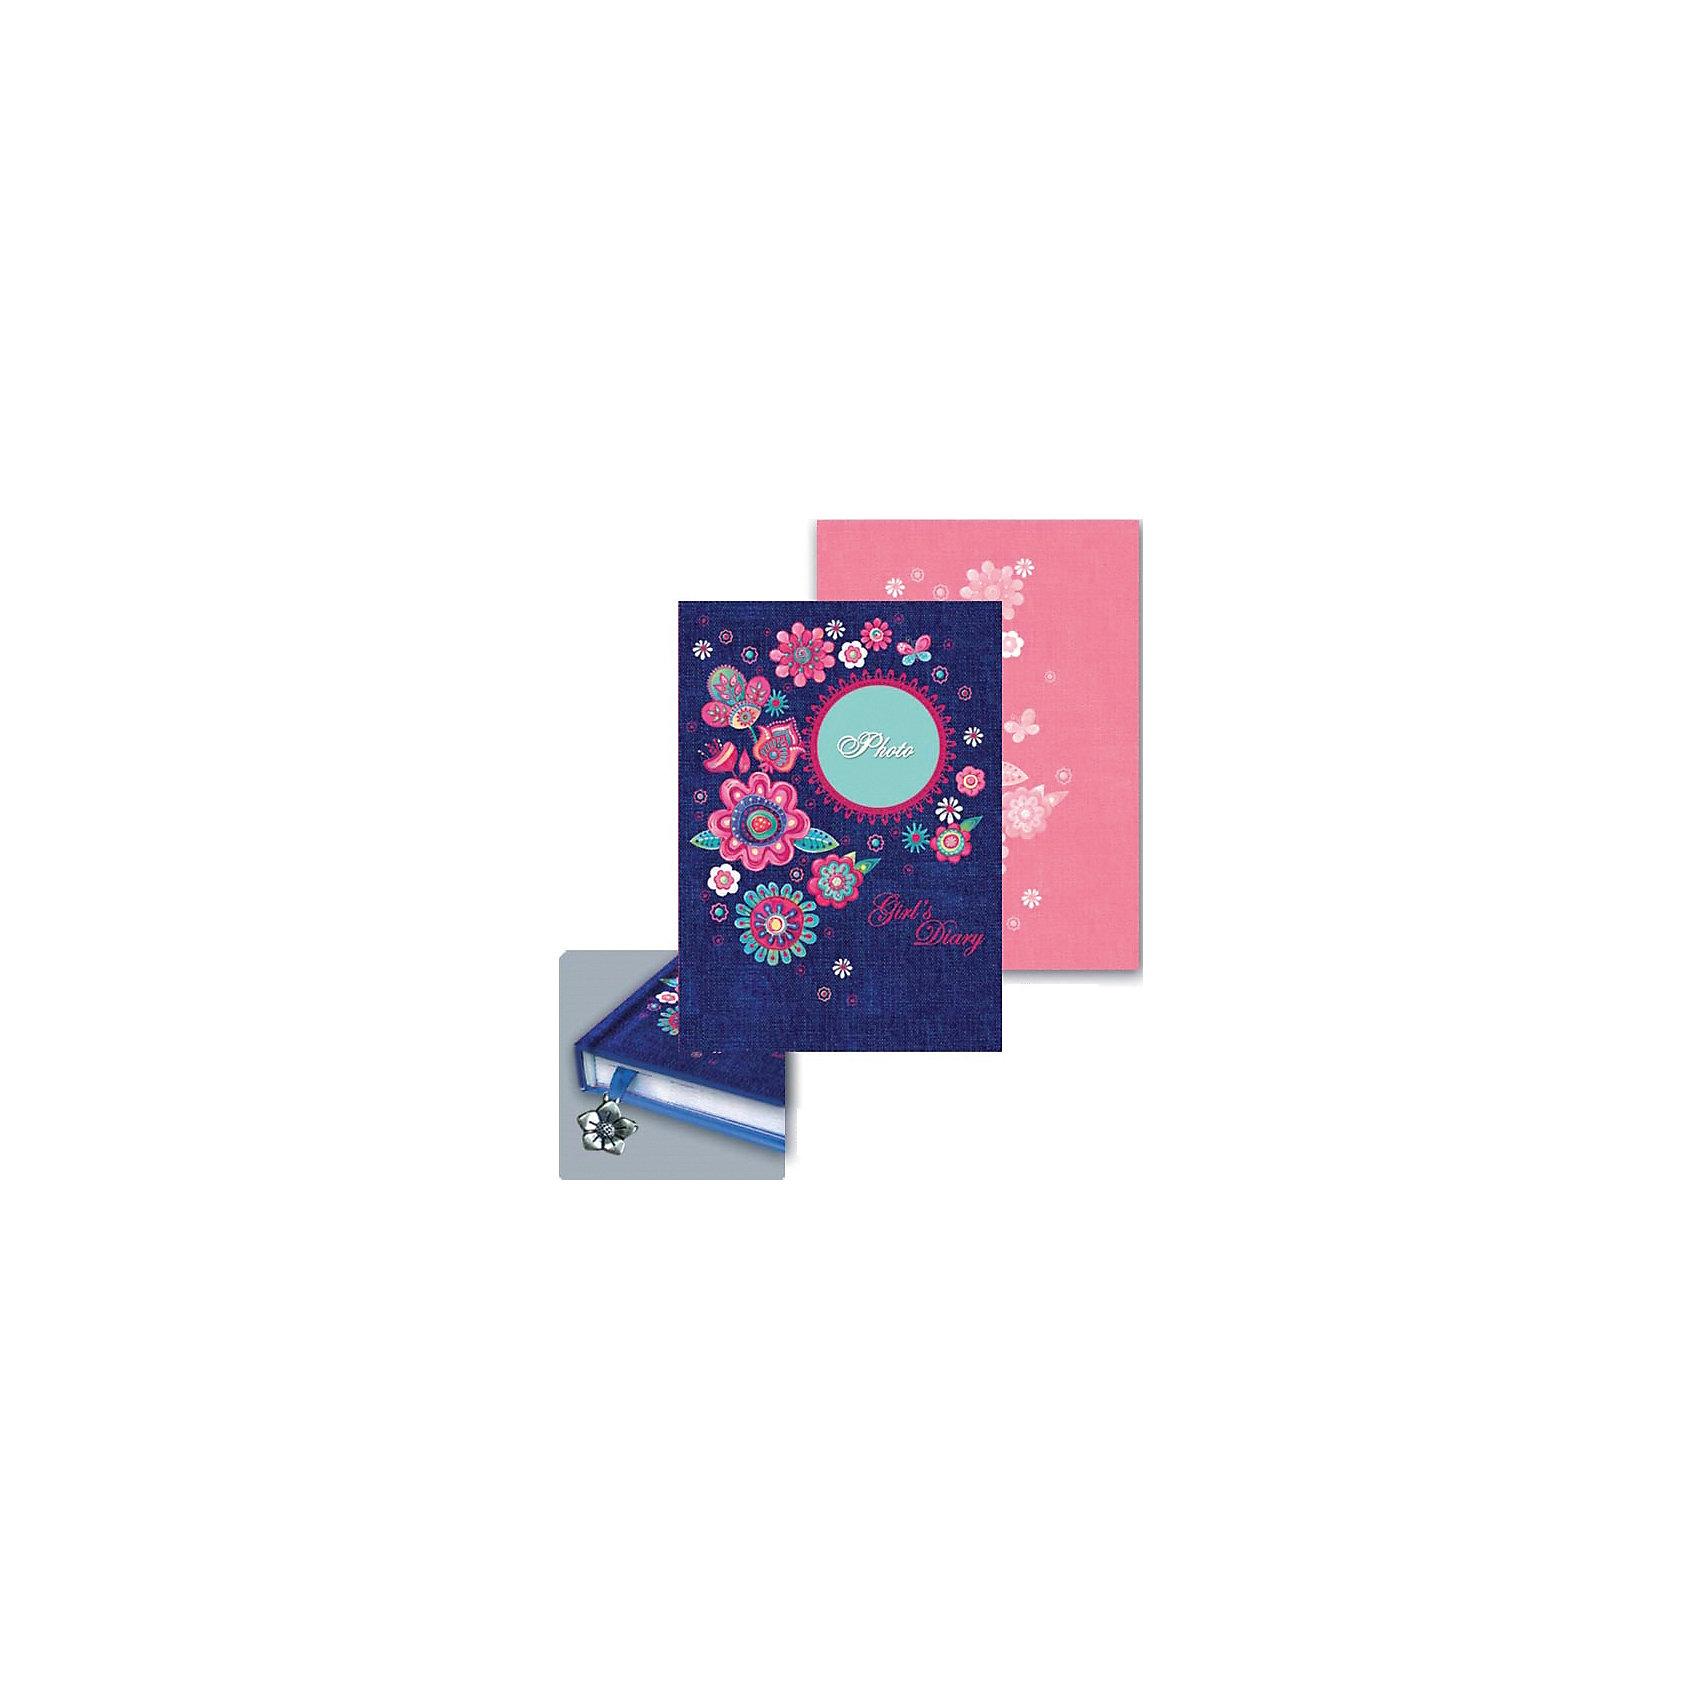 Ежедневник девочки Цветы и джинс, А6+Бумажная продукция<br>Этот яркий ежедневник обязательно понравится девочке и станет желанным подарком на любой праздник. На обложке есть специальное окошко для фото, а внутри - изящная яркая закладка. Плотные страницы идеально подойдут для рисунков и записей, а прочная красивая обложка сохранит все девичьи секреты!  <br>Закругленные углы и небольшой формат позволяют брать ежедневник куда угодно - он запросто поместится в любой сумочке и всегда будет под рукой! <br><br>Дополнительная информация:<br><br>- Обложка: твердая, 7БЦ, декорирована тиснением серебряной фольгой.<br>- Количество страниц: 160.<br>- Формат А6 (12,5 х 18 см.).<br>- Окошко для фото. <br>- Закладка с металлической подвеской.<br>- Закругленный углы, компактный формат. <br><br>Ежедневник девочки Цветы и джинс, А6+, можно купить в нашем магазине.<br><br>Ширина мм: 180<br>Глубина мм: 125<br>Высота мм: 10<br>Вес г: 200<br>Возраст от месяцев: 48<br>Возраст до месяцев: 2147483647<br>Пол: Женский<br>Возраст: Детский<br>SKU: 4756004